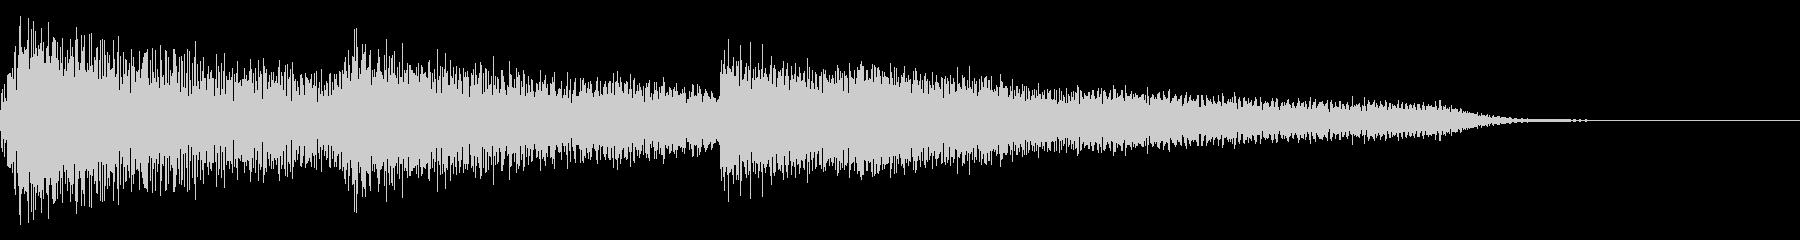 多用途ジングル-4の未再生の波形